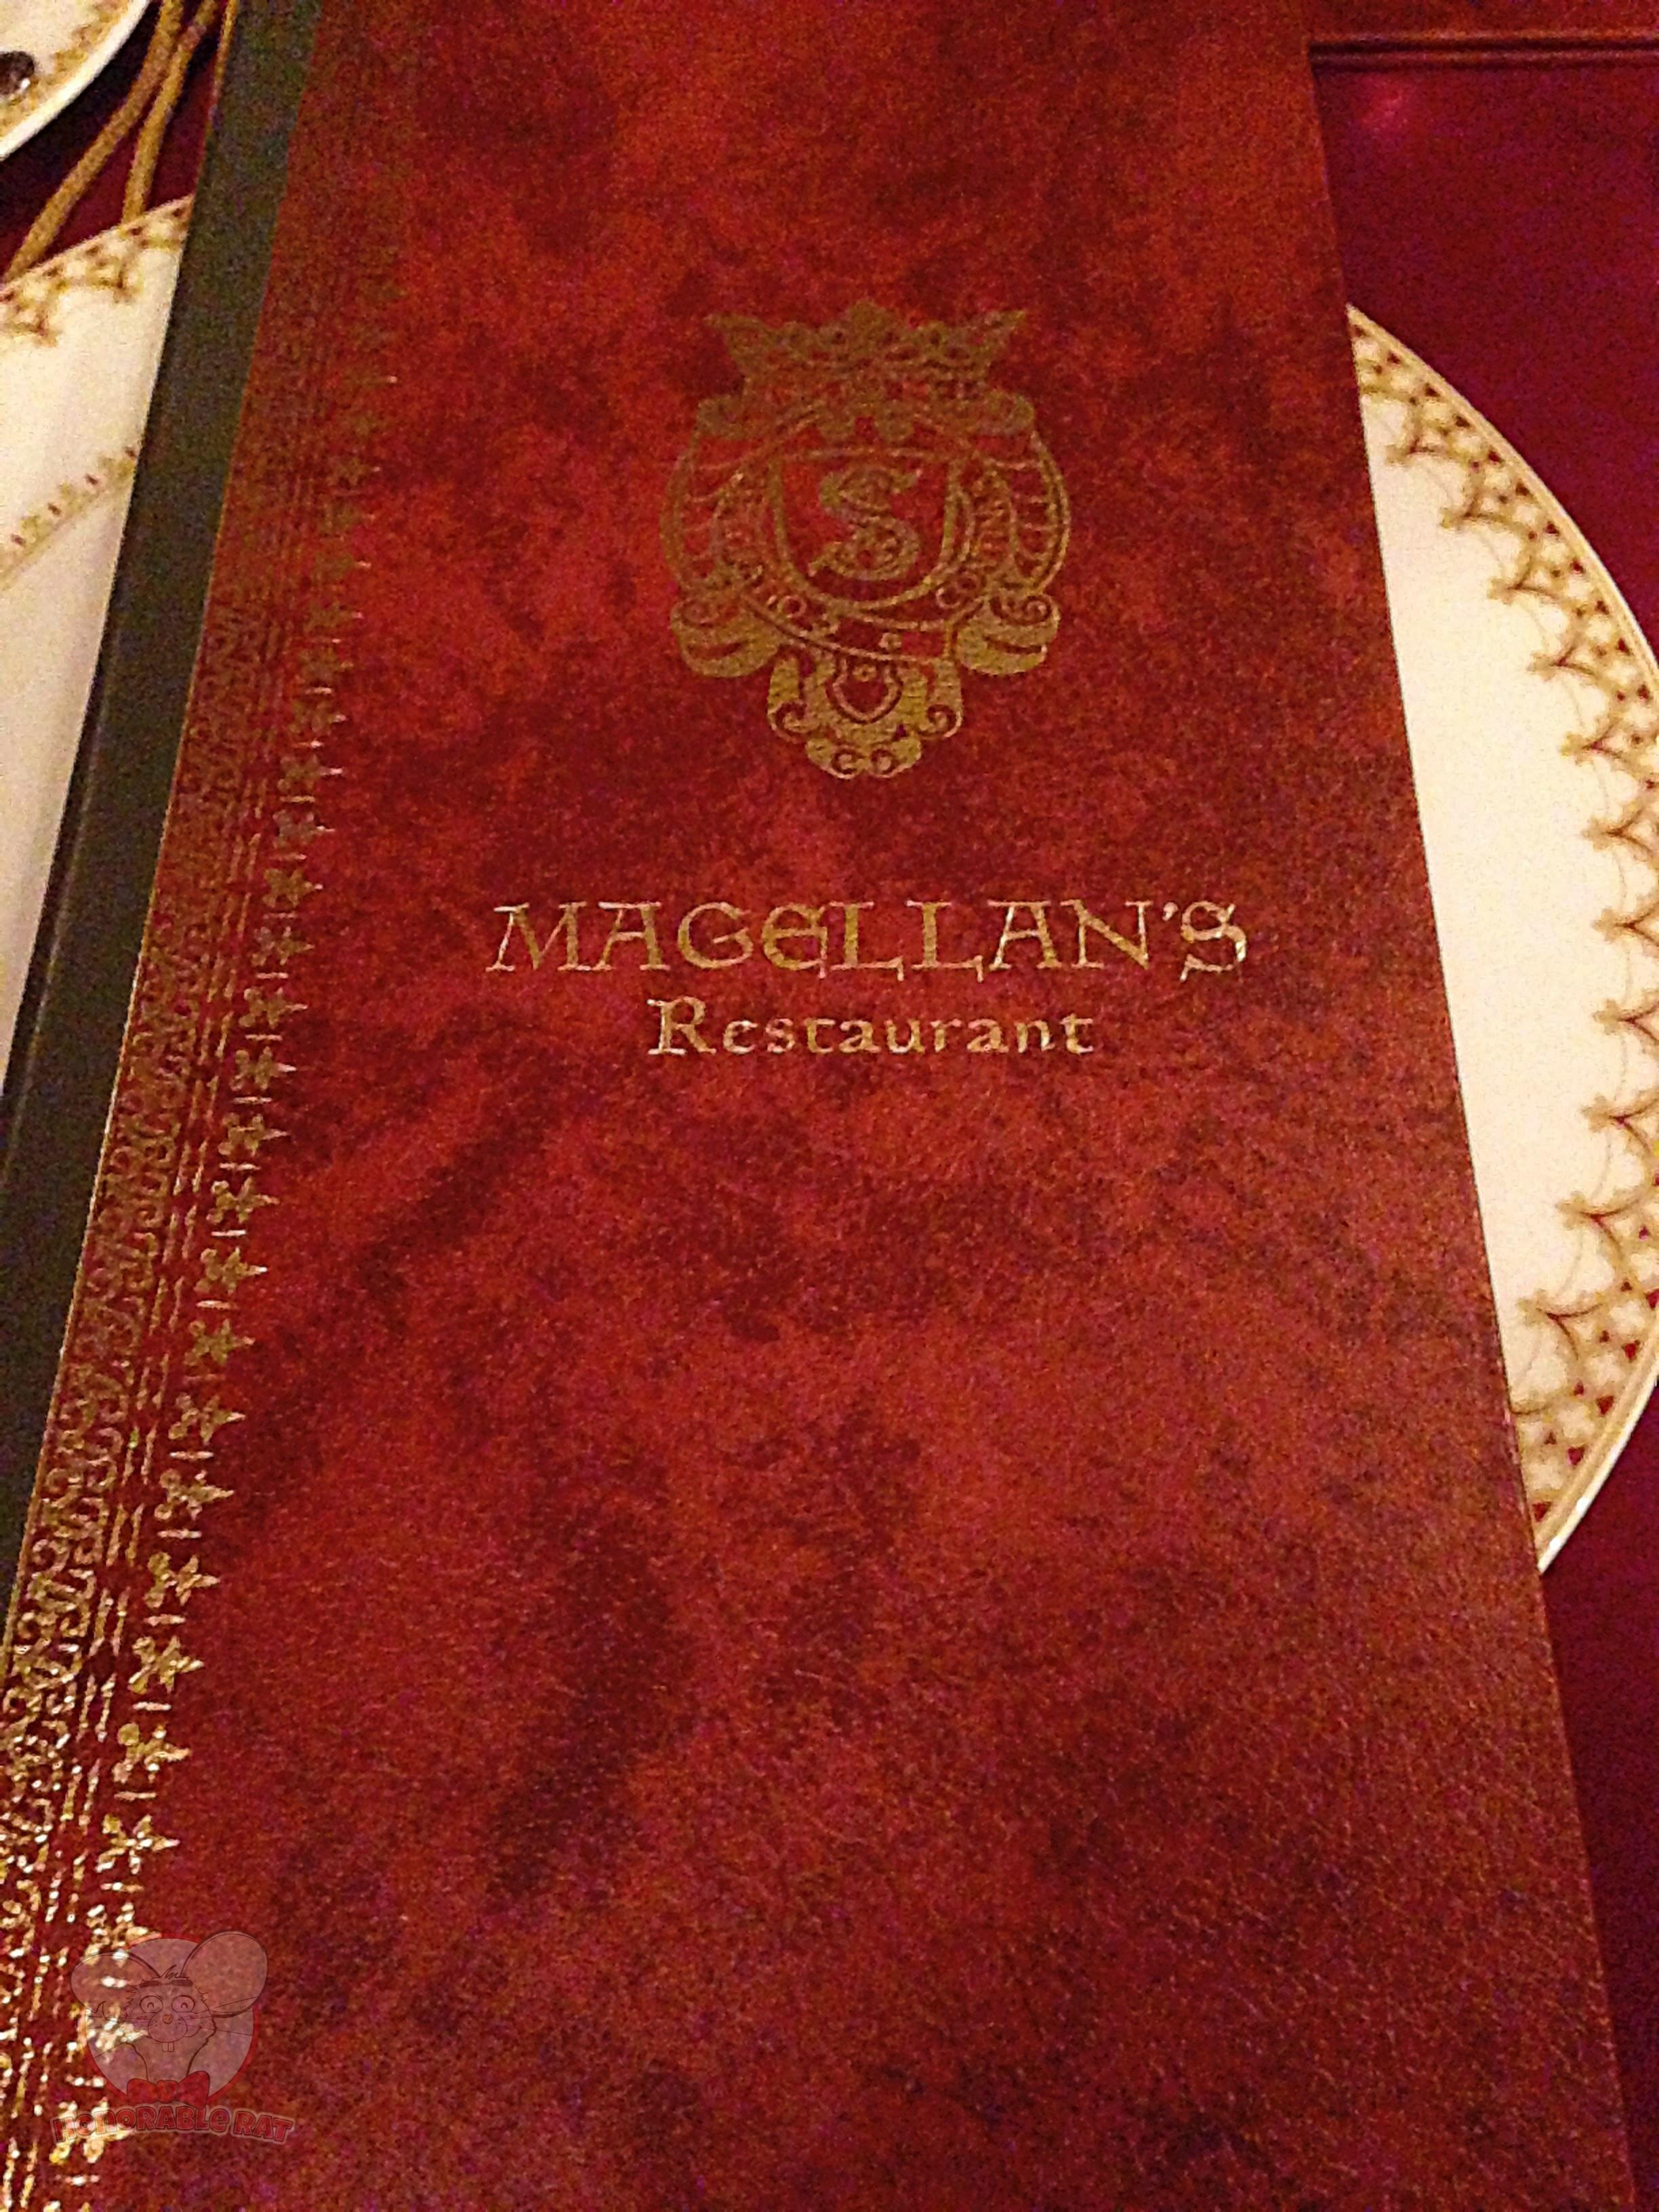 Magellan's menu